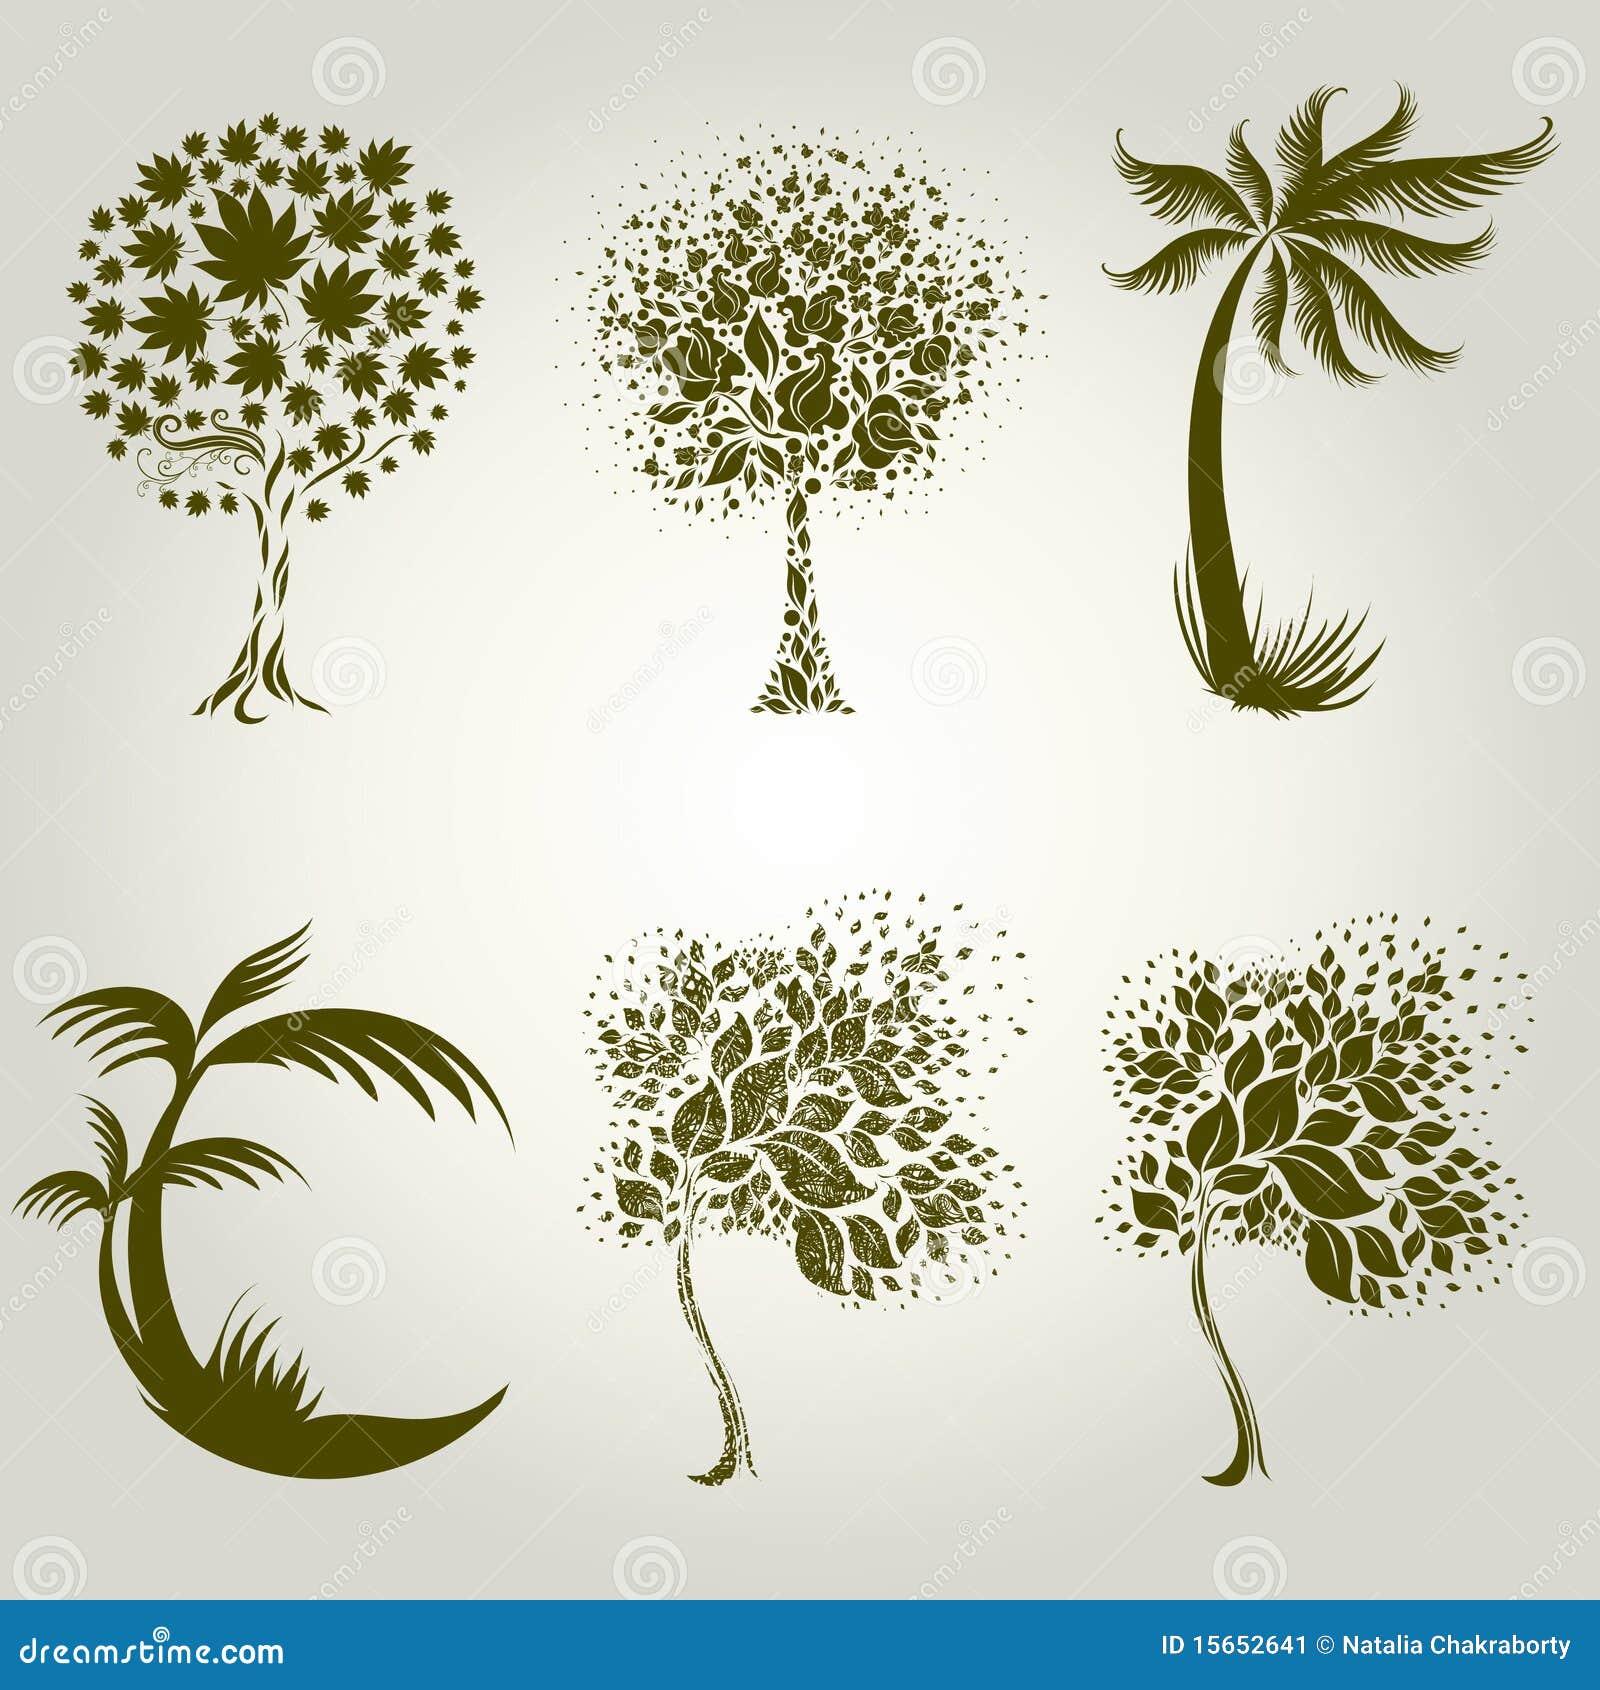 dise os con el rbol decorativo de las hojas ilustraci n